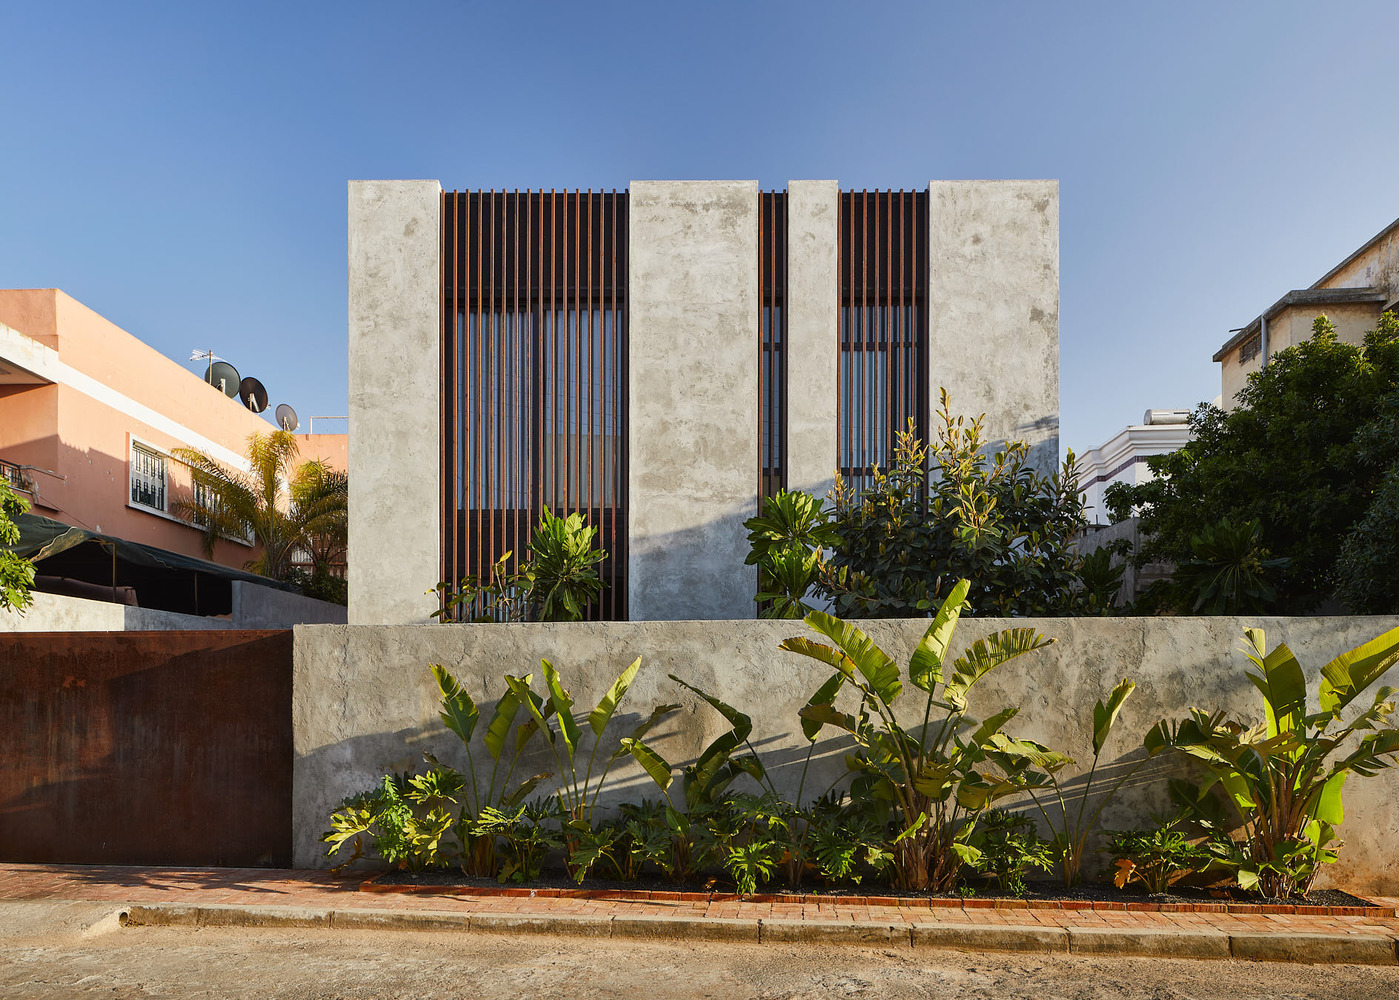 طراحی خانه ای در سبک صنعتی در مراکش